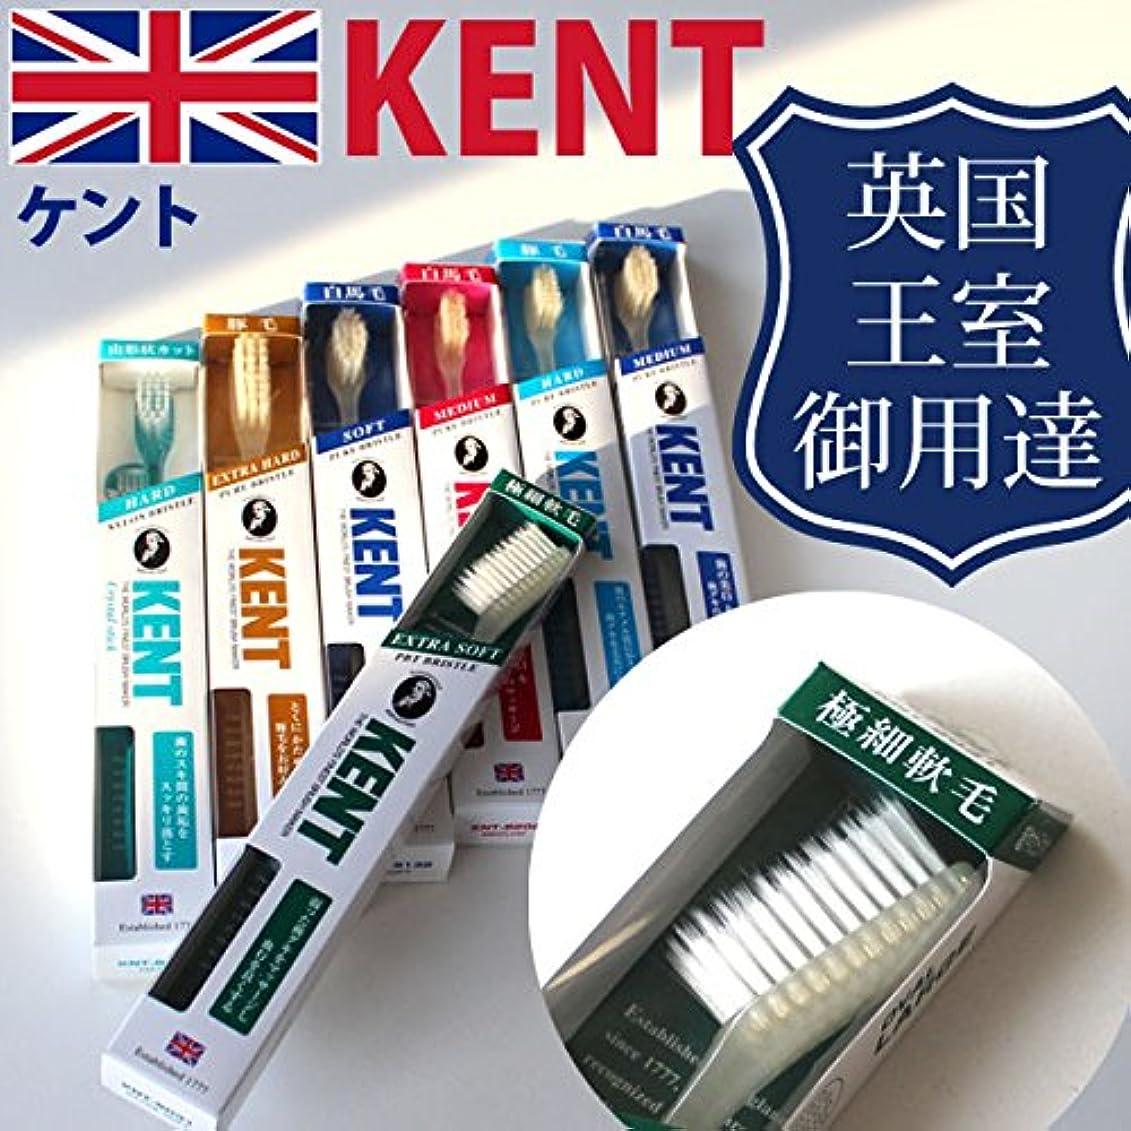 シンボル独立してダンスケント KENT オーバルラージヘッド極細軟毛/歯ブラシKNT-9031 超やわらかめ 6本入り